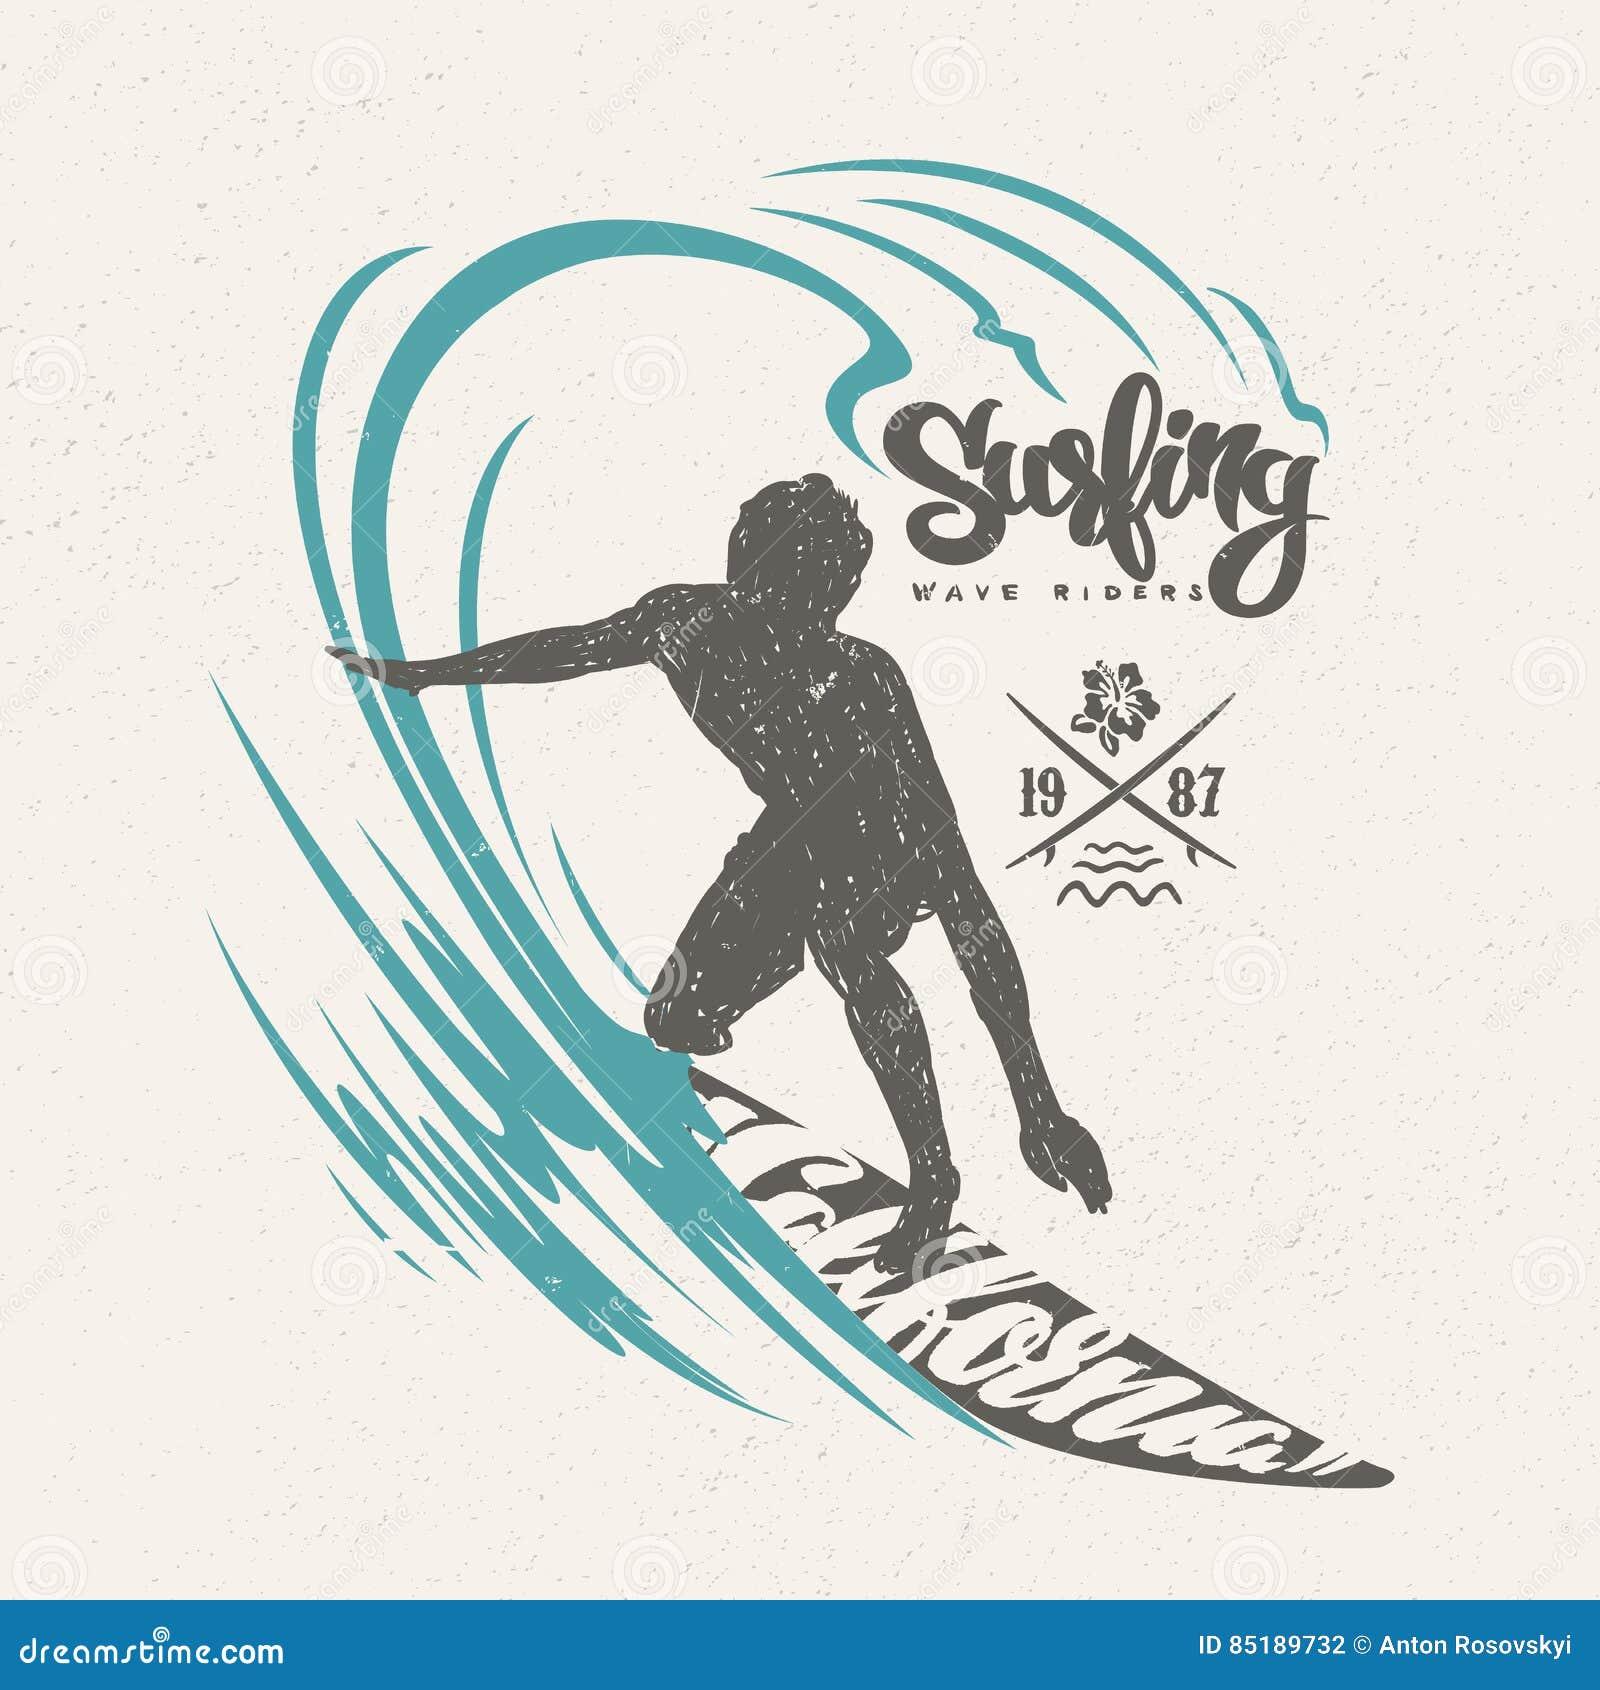 Surfer And Big Wave T Shirt Design Stock Vector Illustration Of Splash Background 85189732